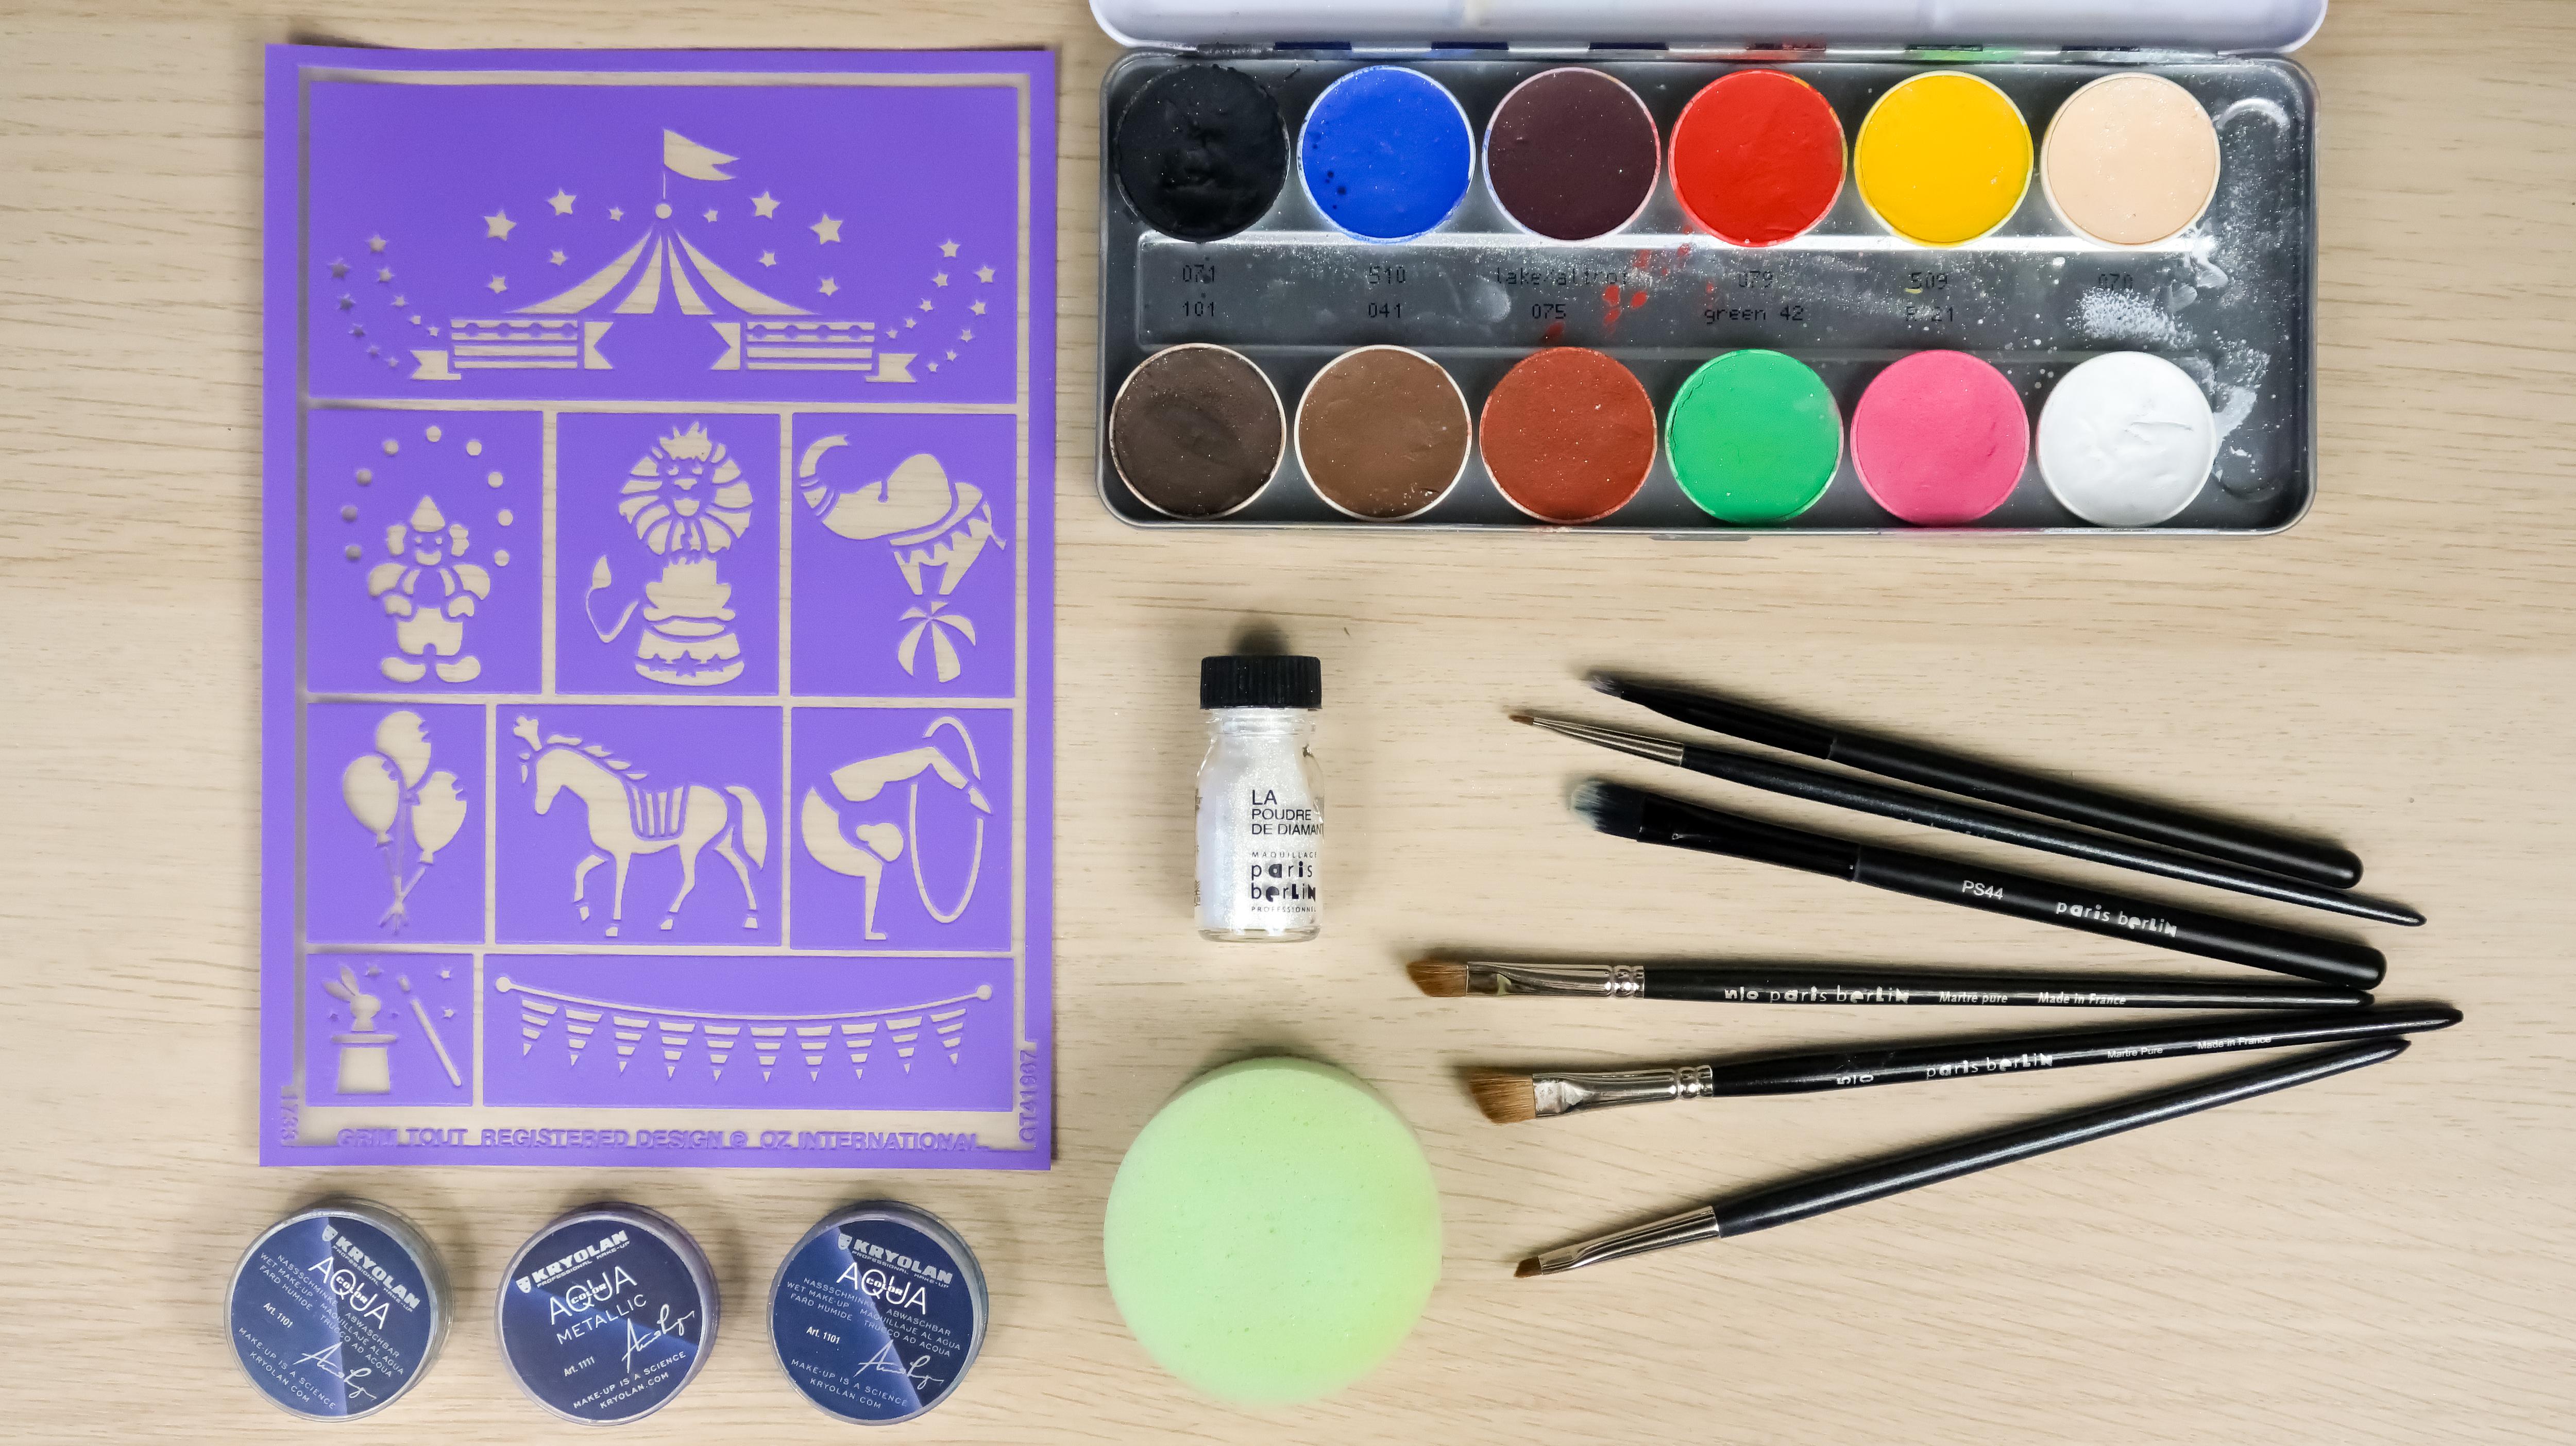 Maquillage créatif première expérience !